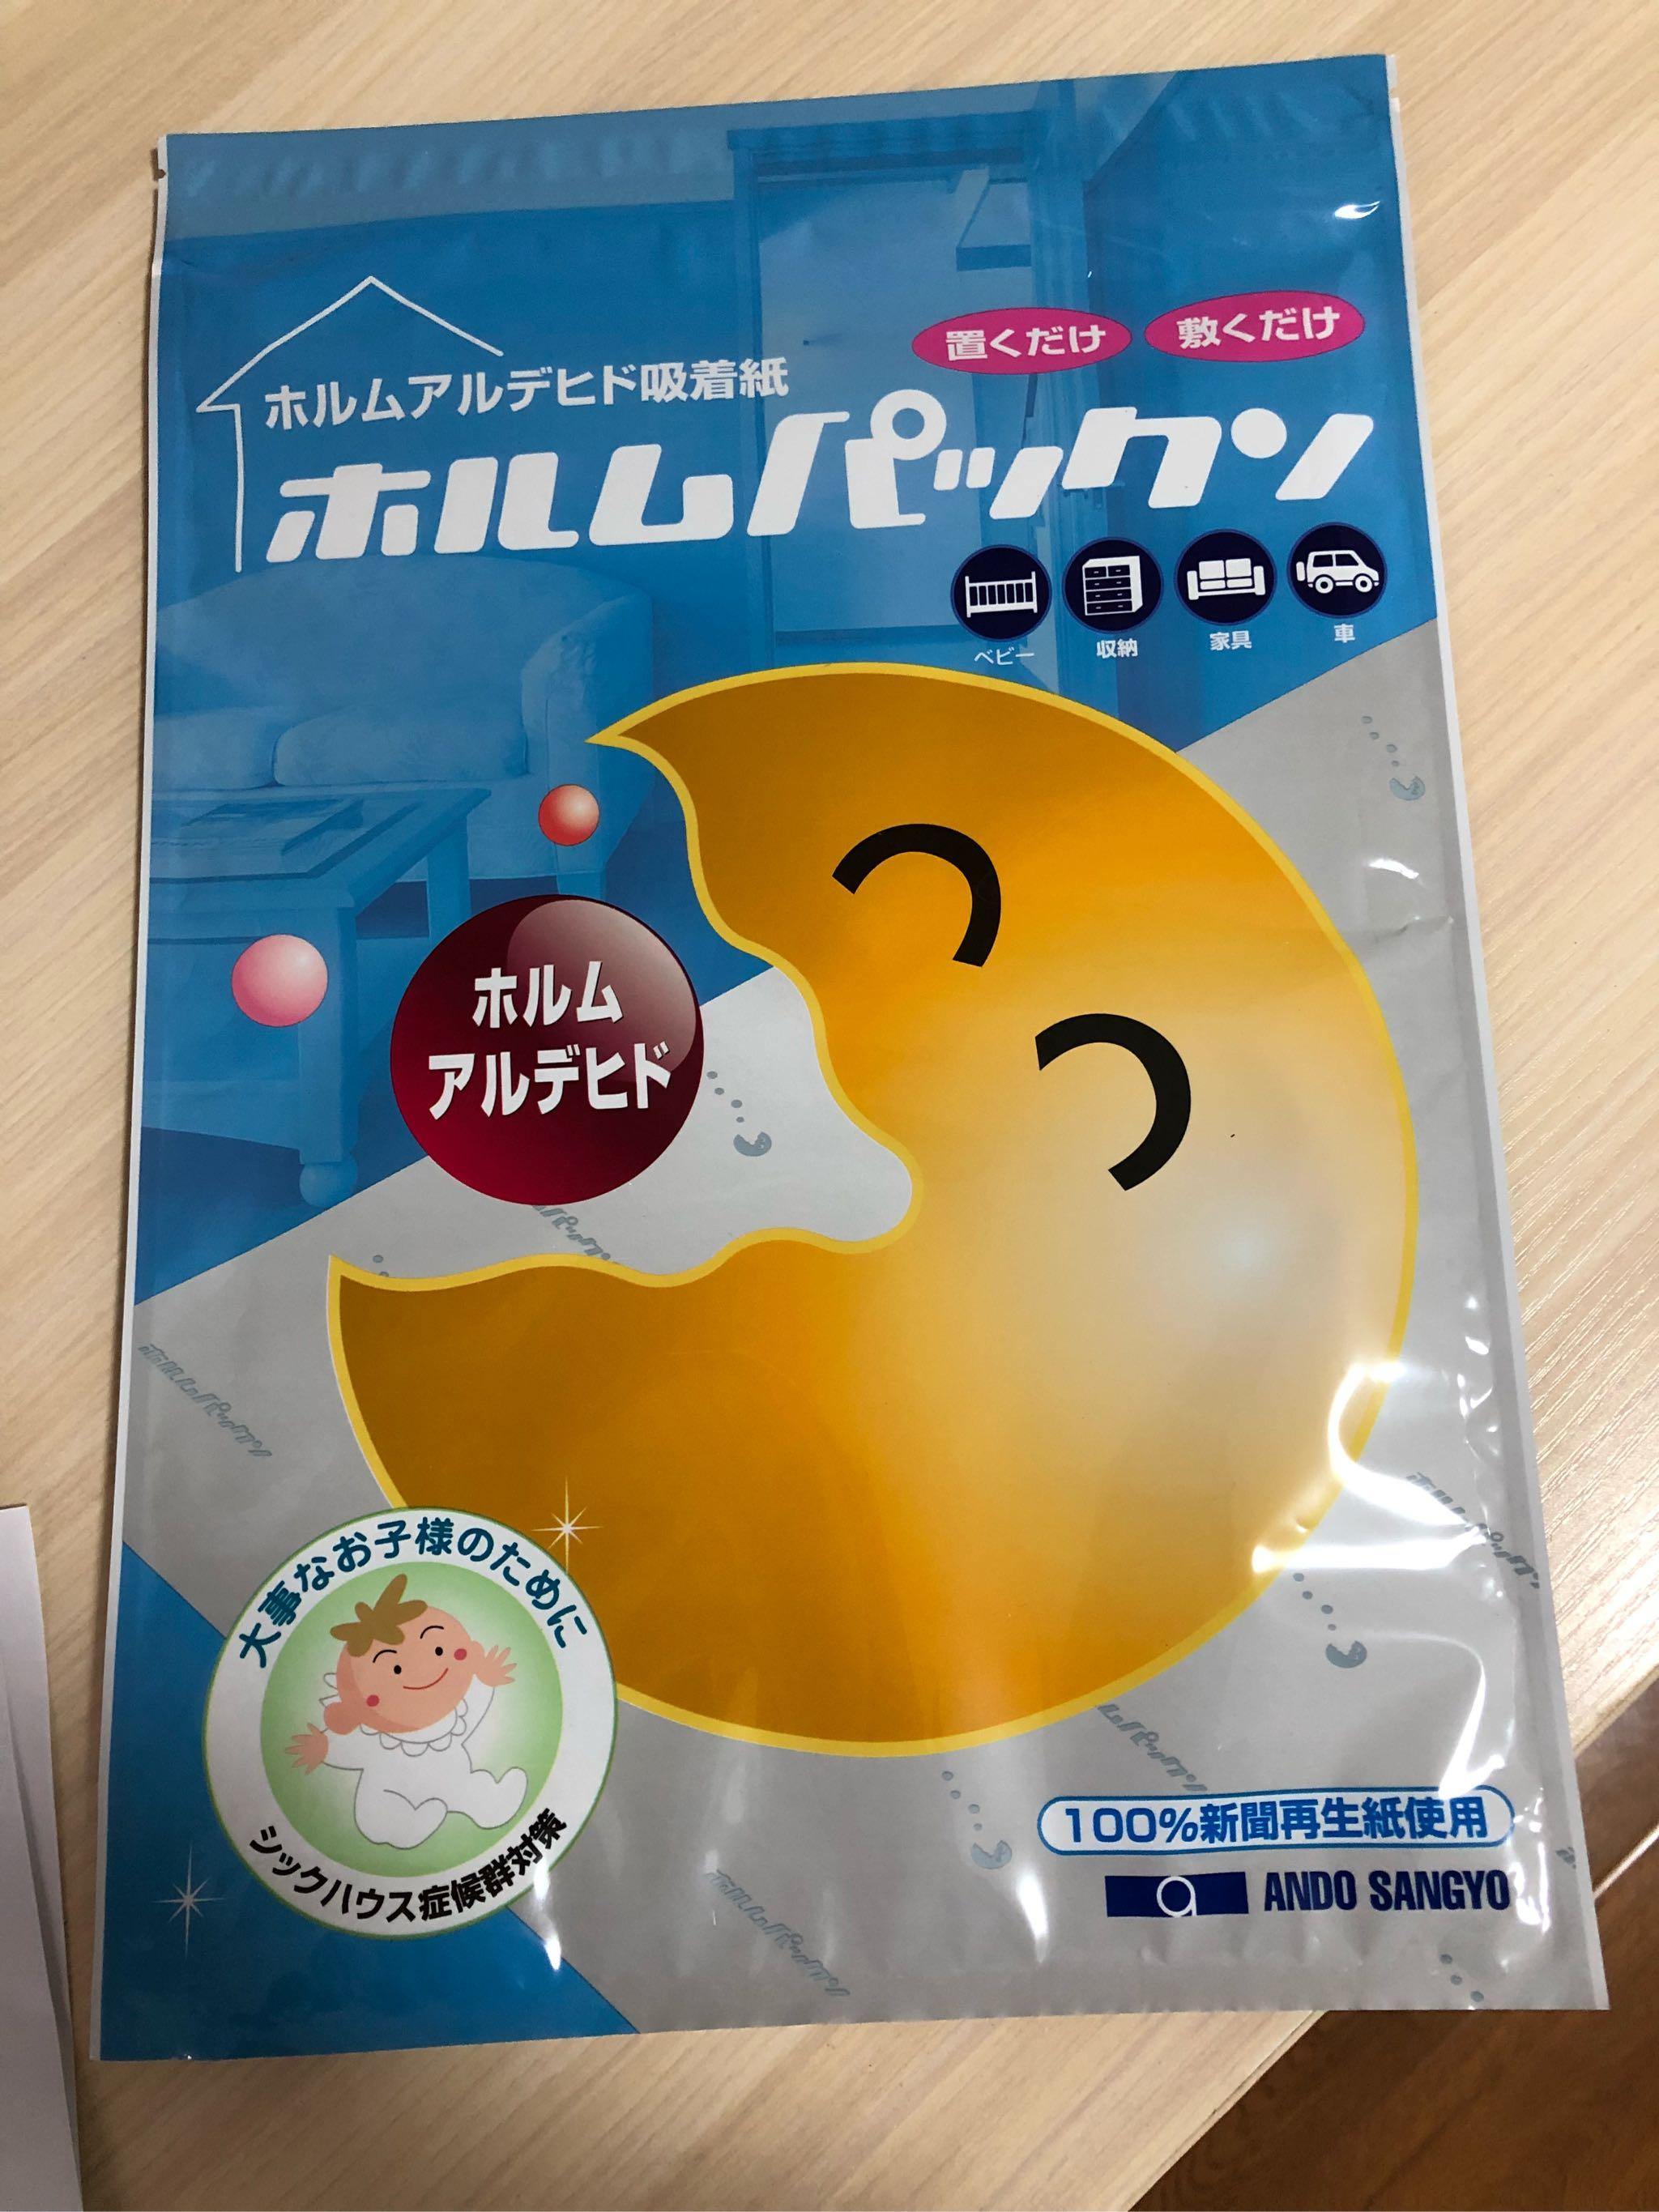 日本进口甲醛吸附纸使用体验良好,一个抽屉一张刚好